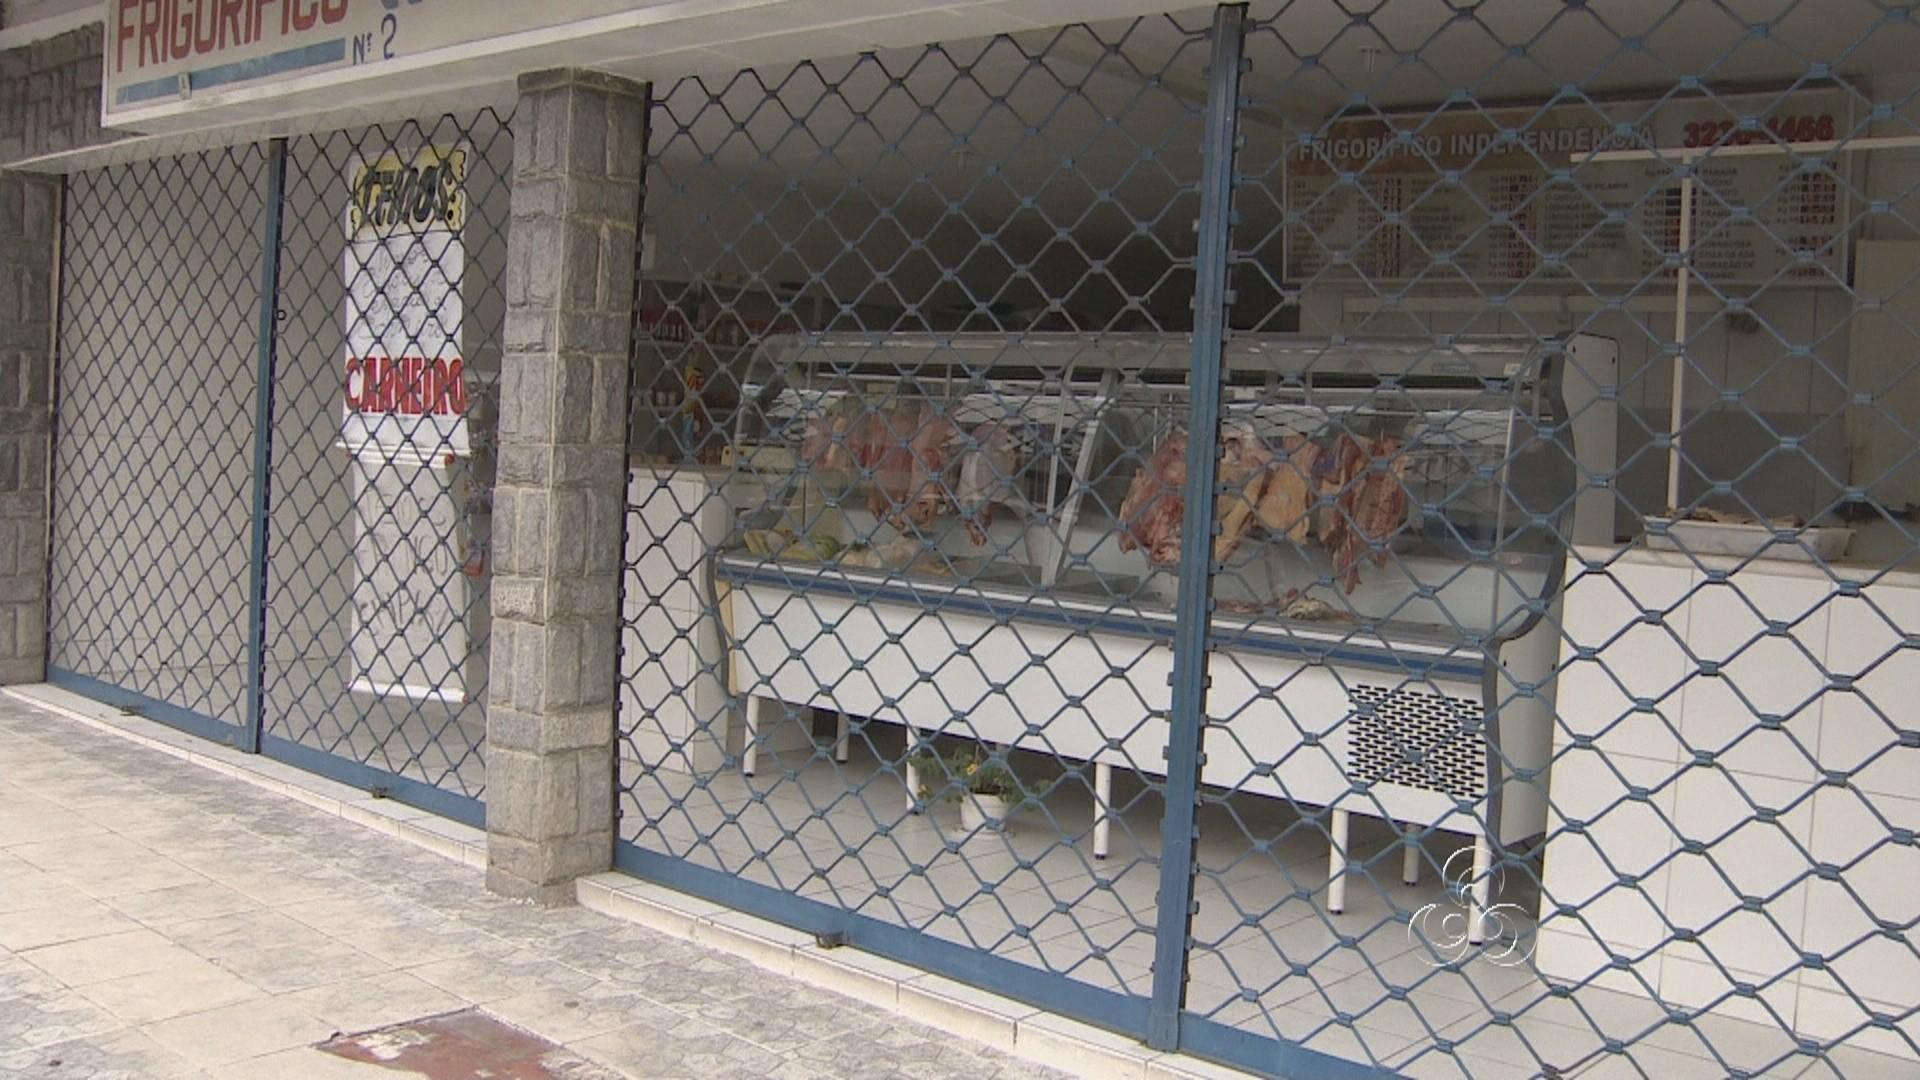 Comerciantes tiveram que fechar as portas devido à falta de energia elétrica (Foto: Jornal do Amazonas)